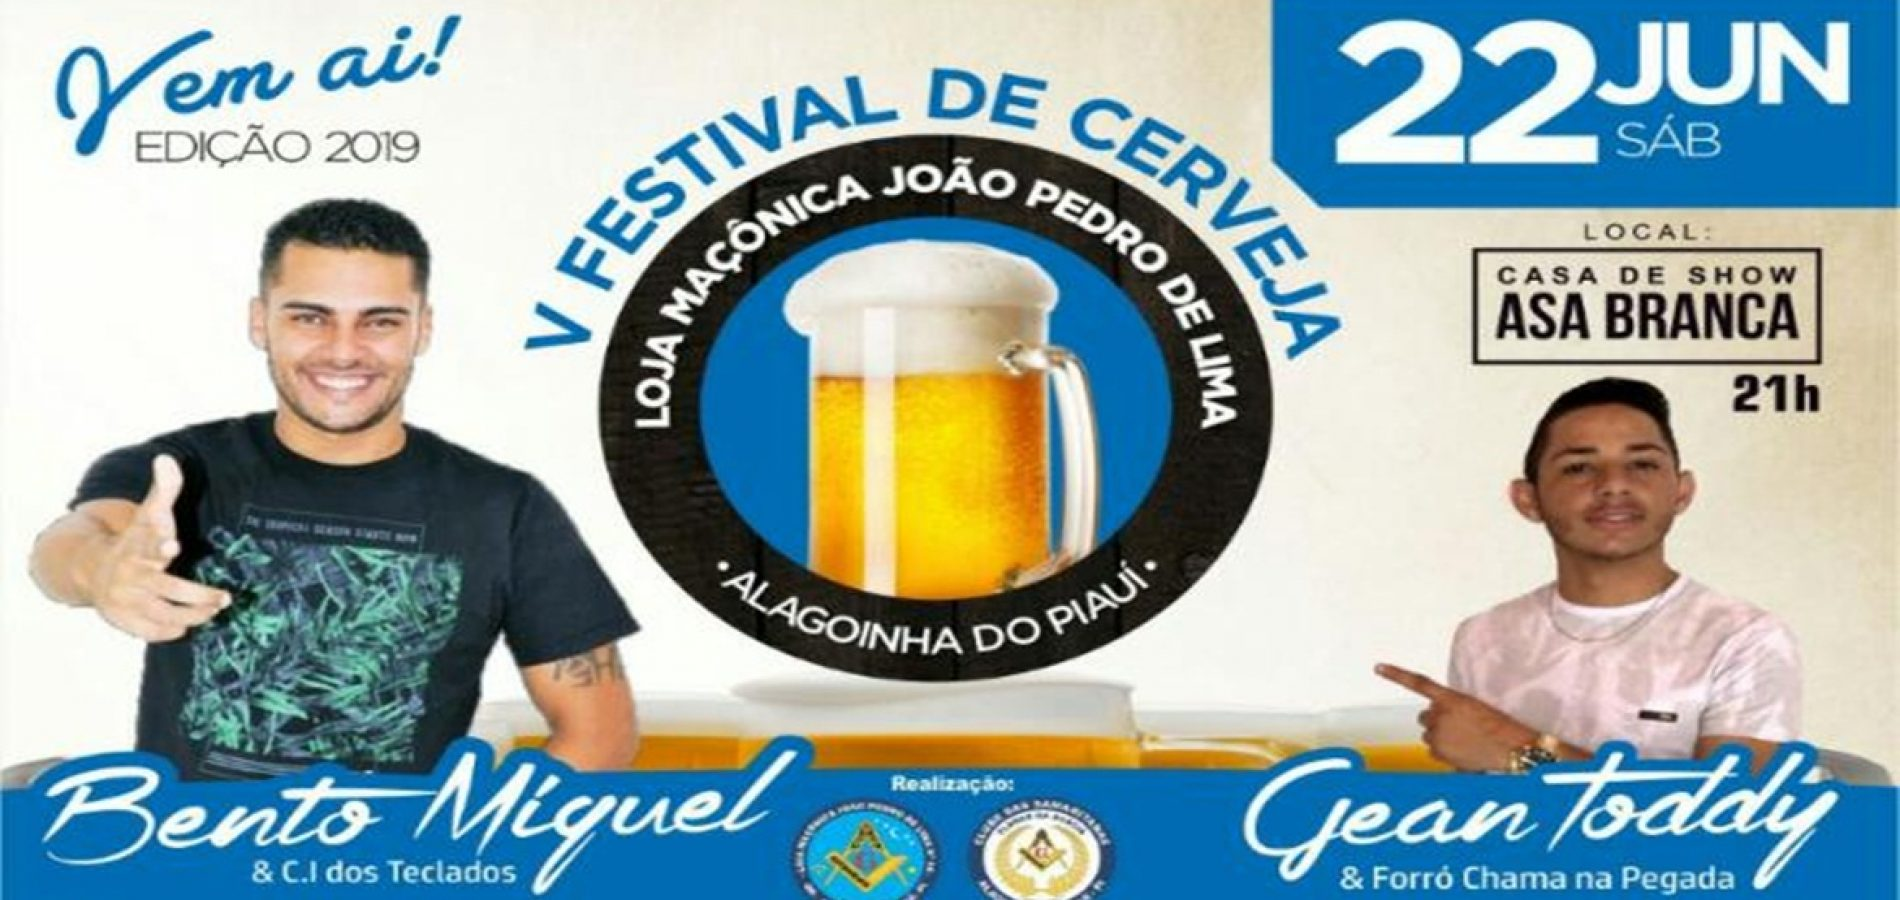 Loja maçônica de Alagoinha do Piauí realizará V Festival de Cerveja. Veja!